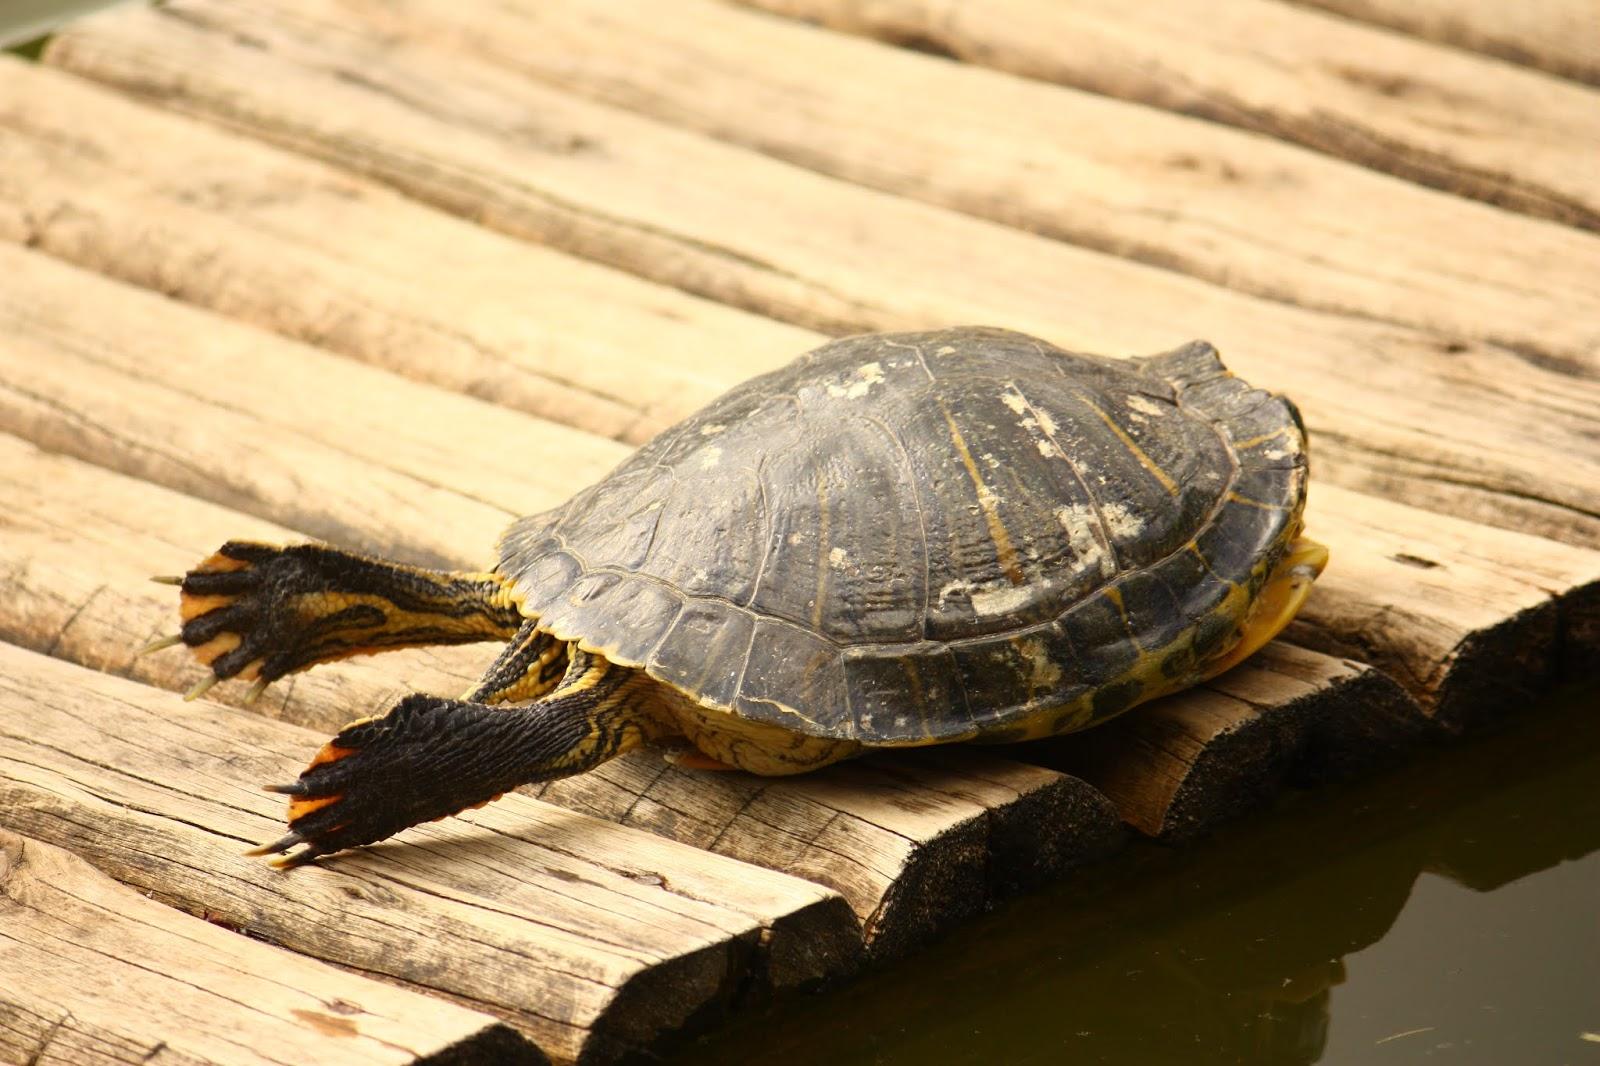 Tartaruga (ou cágado) se espreguiçando sob o sol ilustra este post sobre o Shijing, o Livro das Canções.